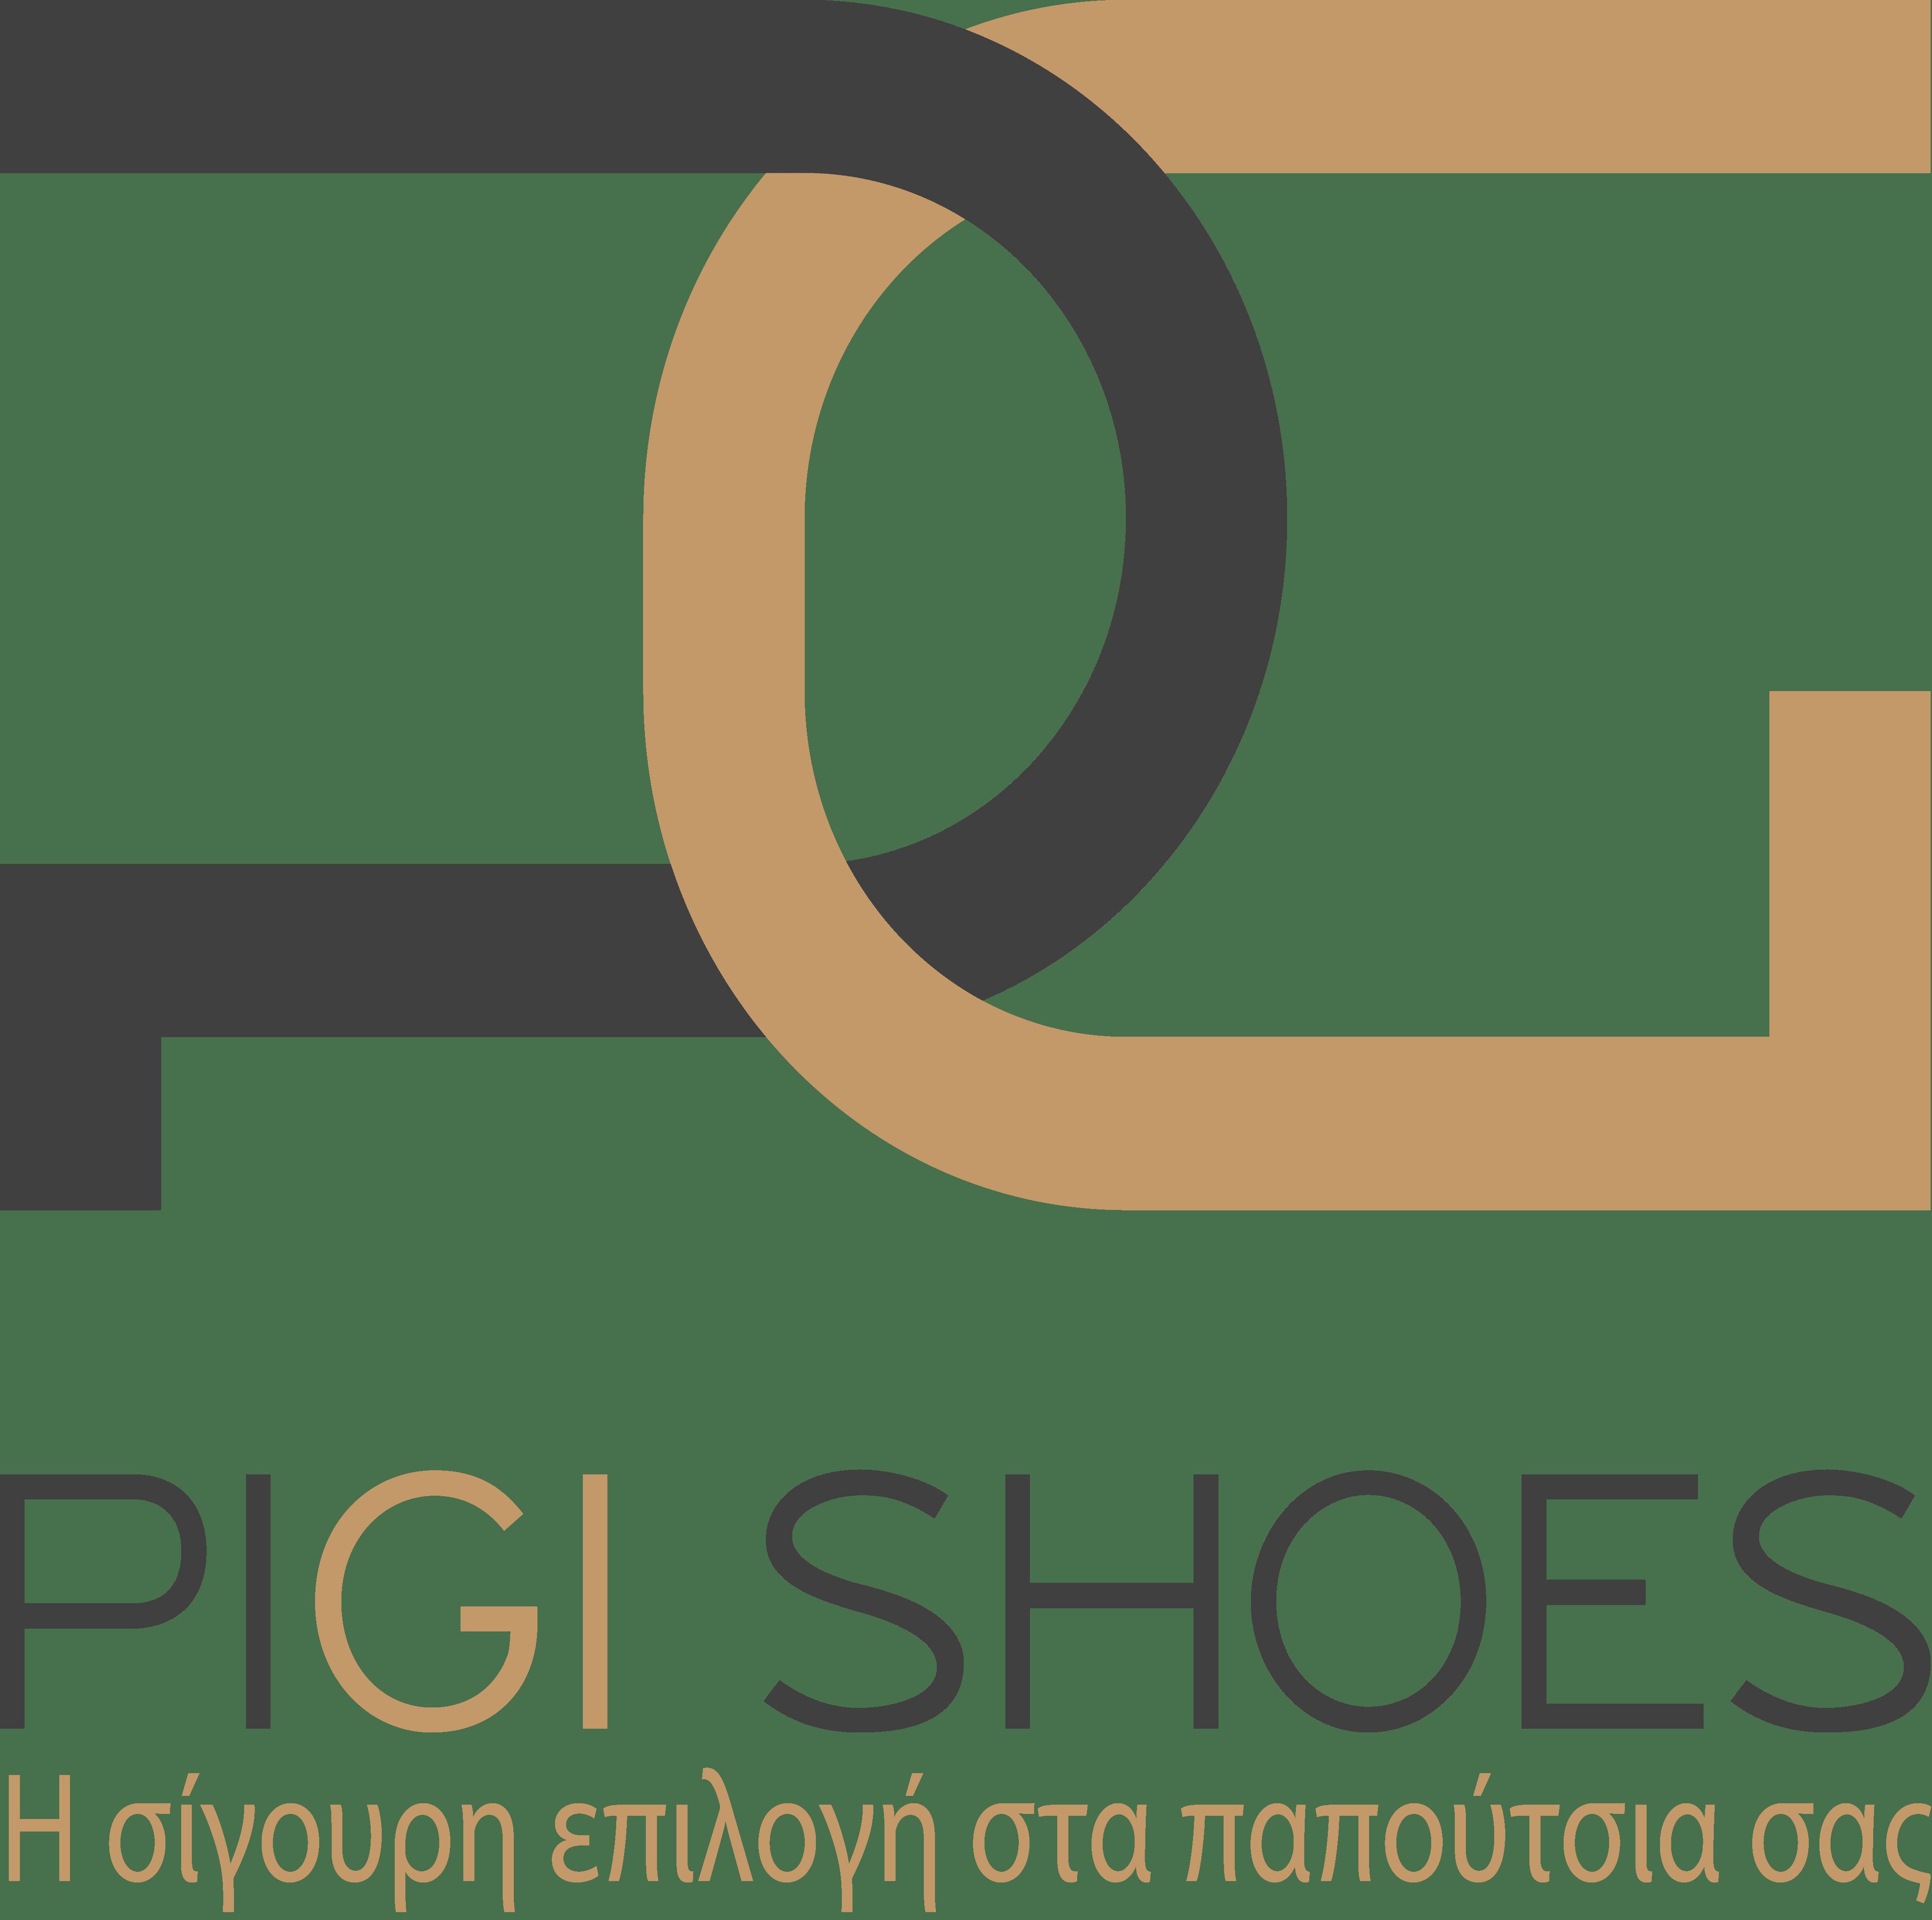 PiGi Shoes